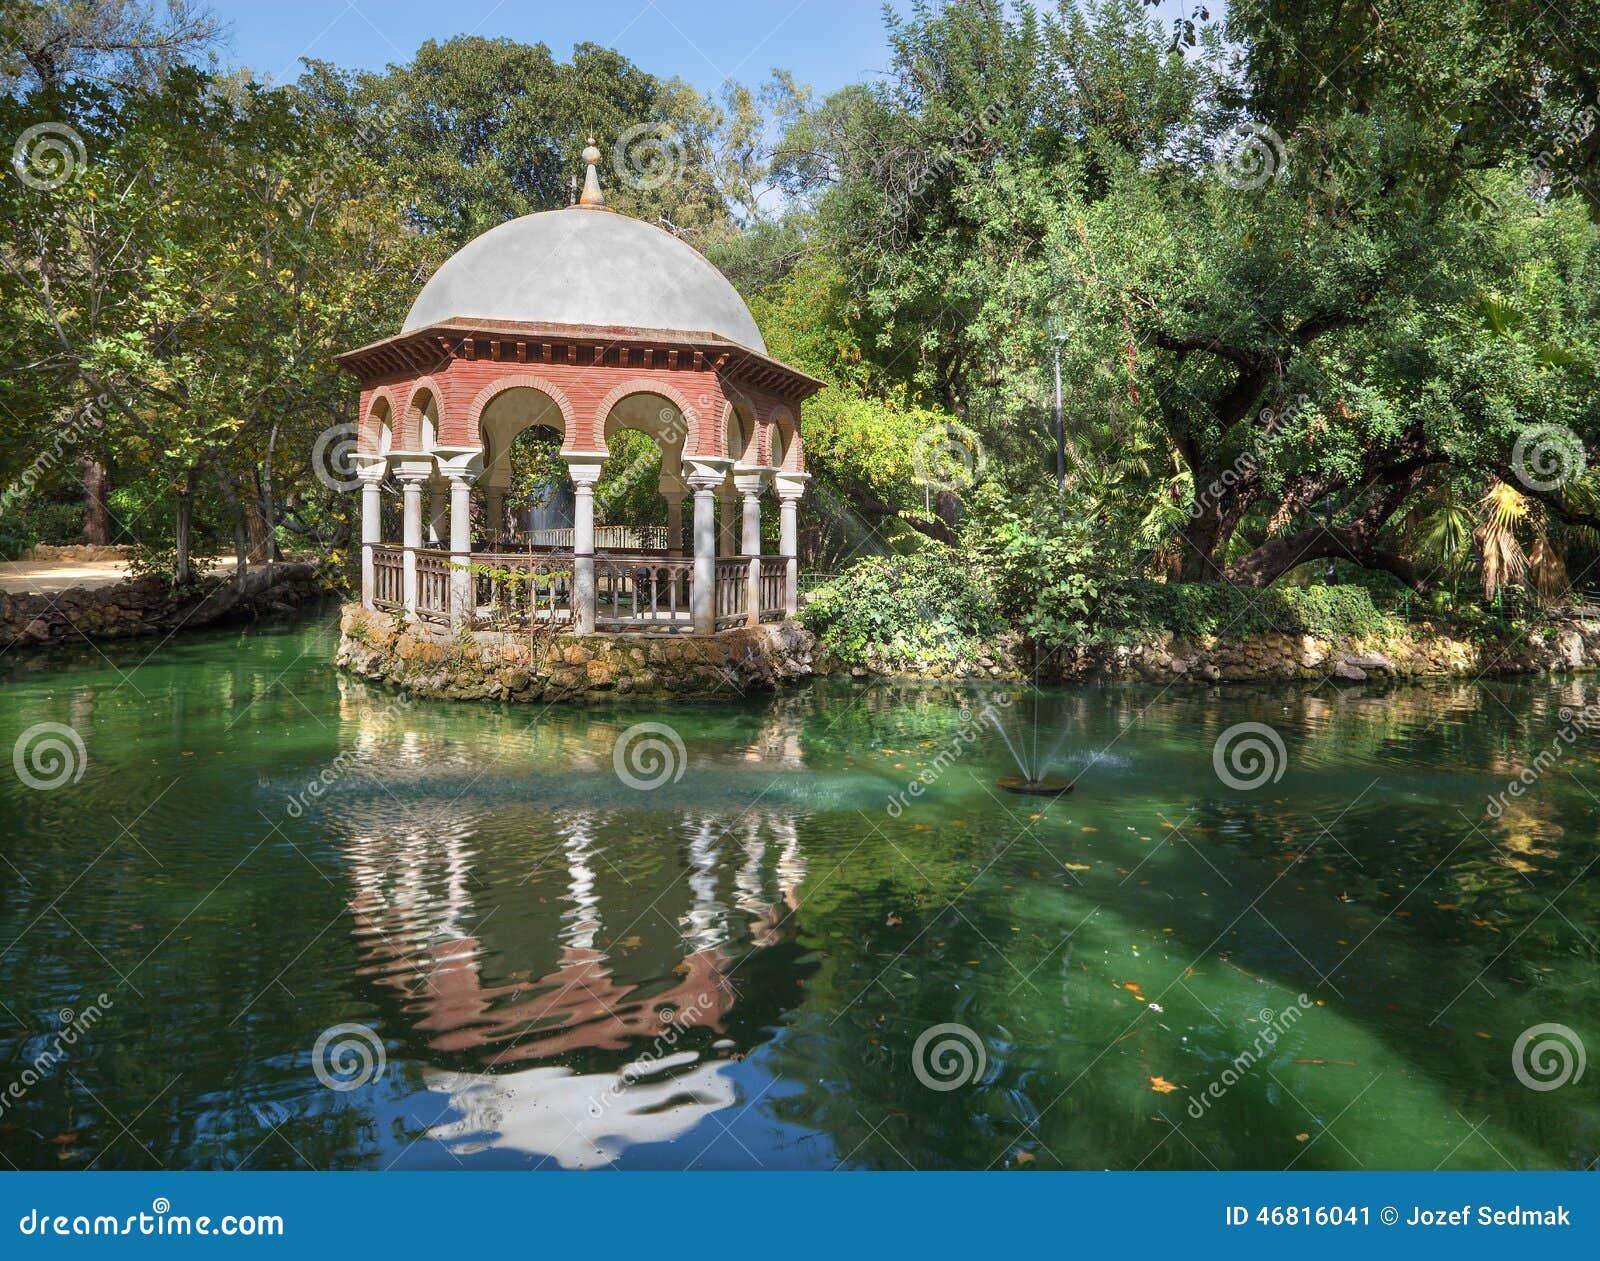 塞维利亚-避暑露台玛丽亚路易莎别墅和公园湖.吗封好庭院全别墅图片